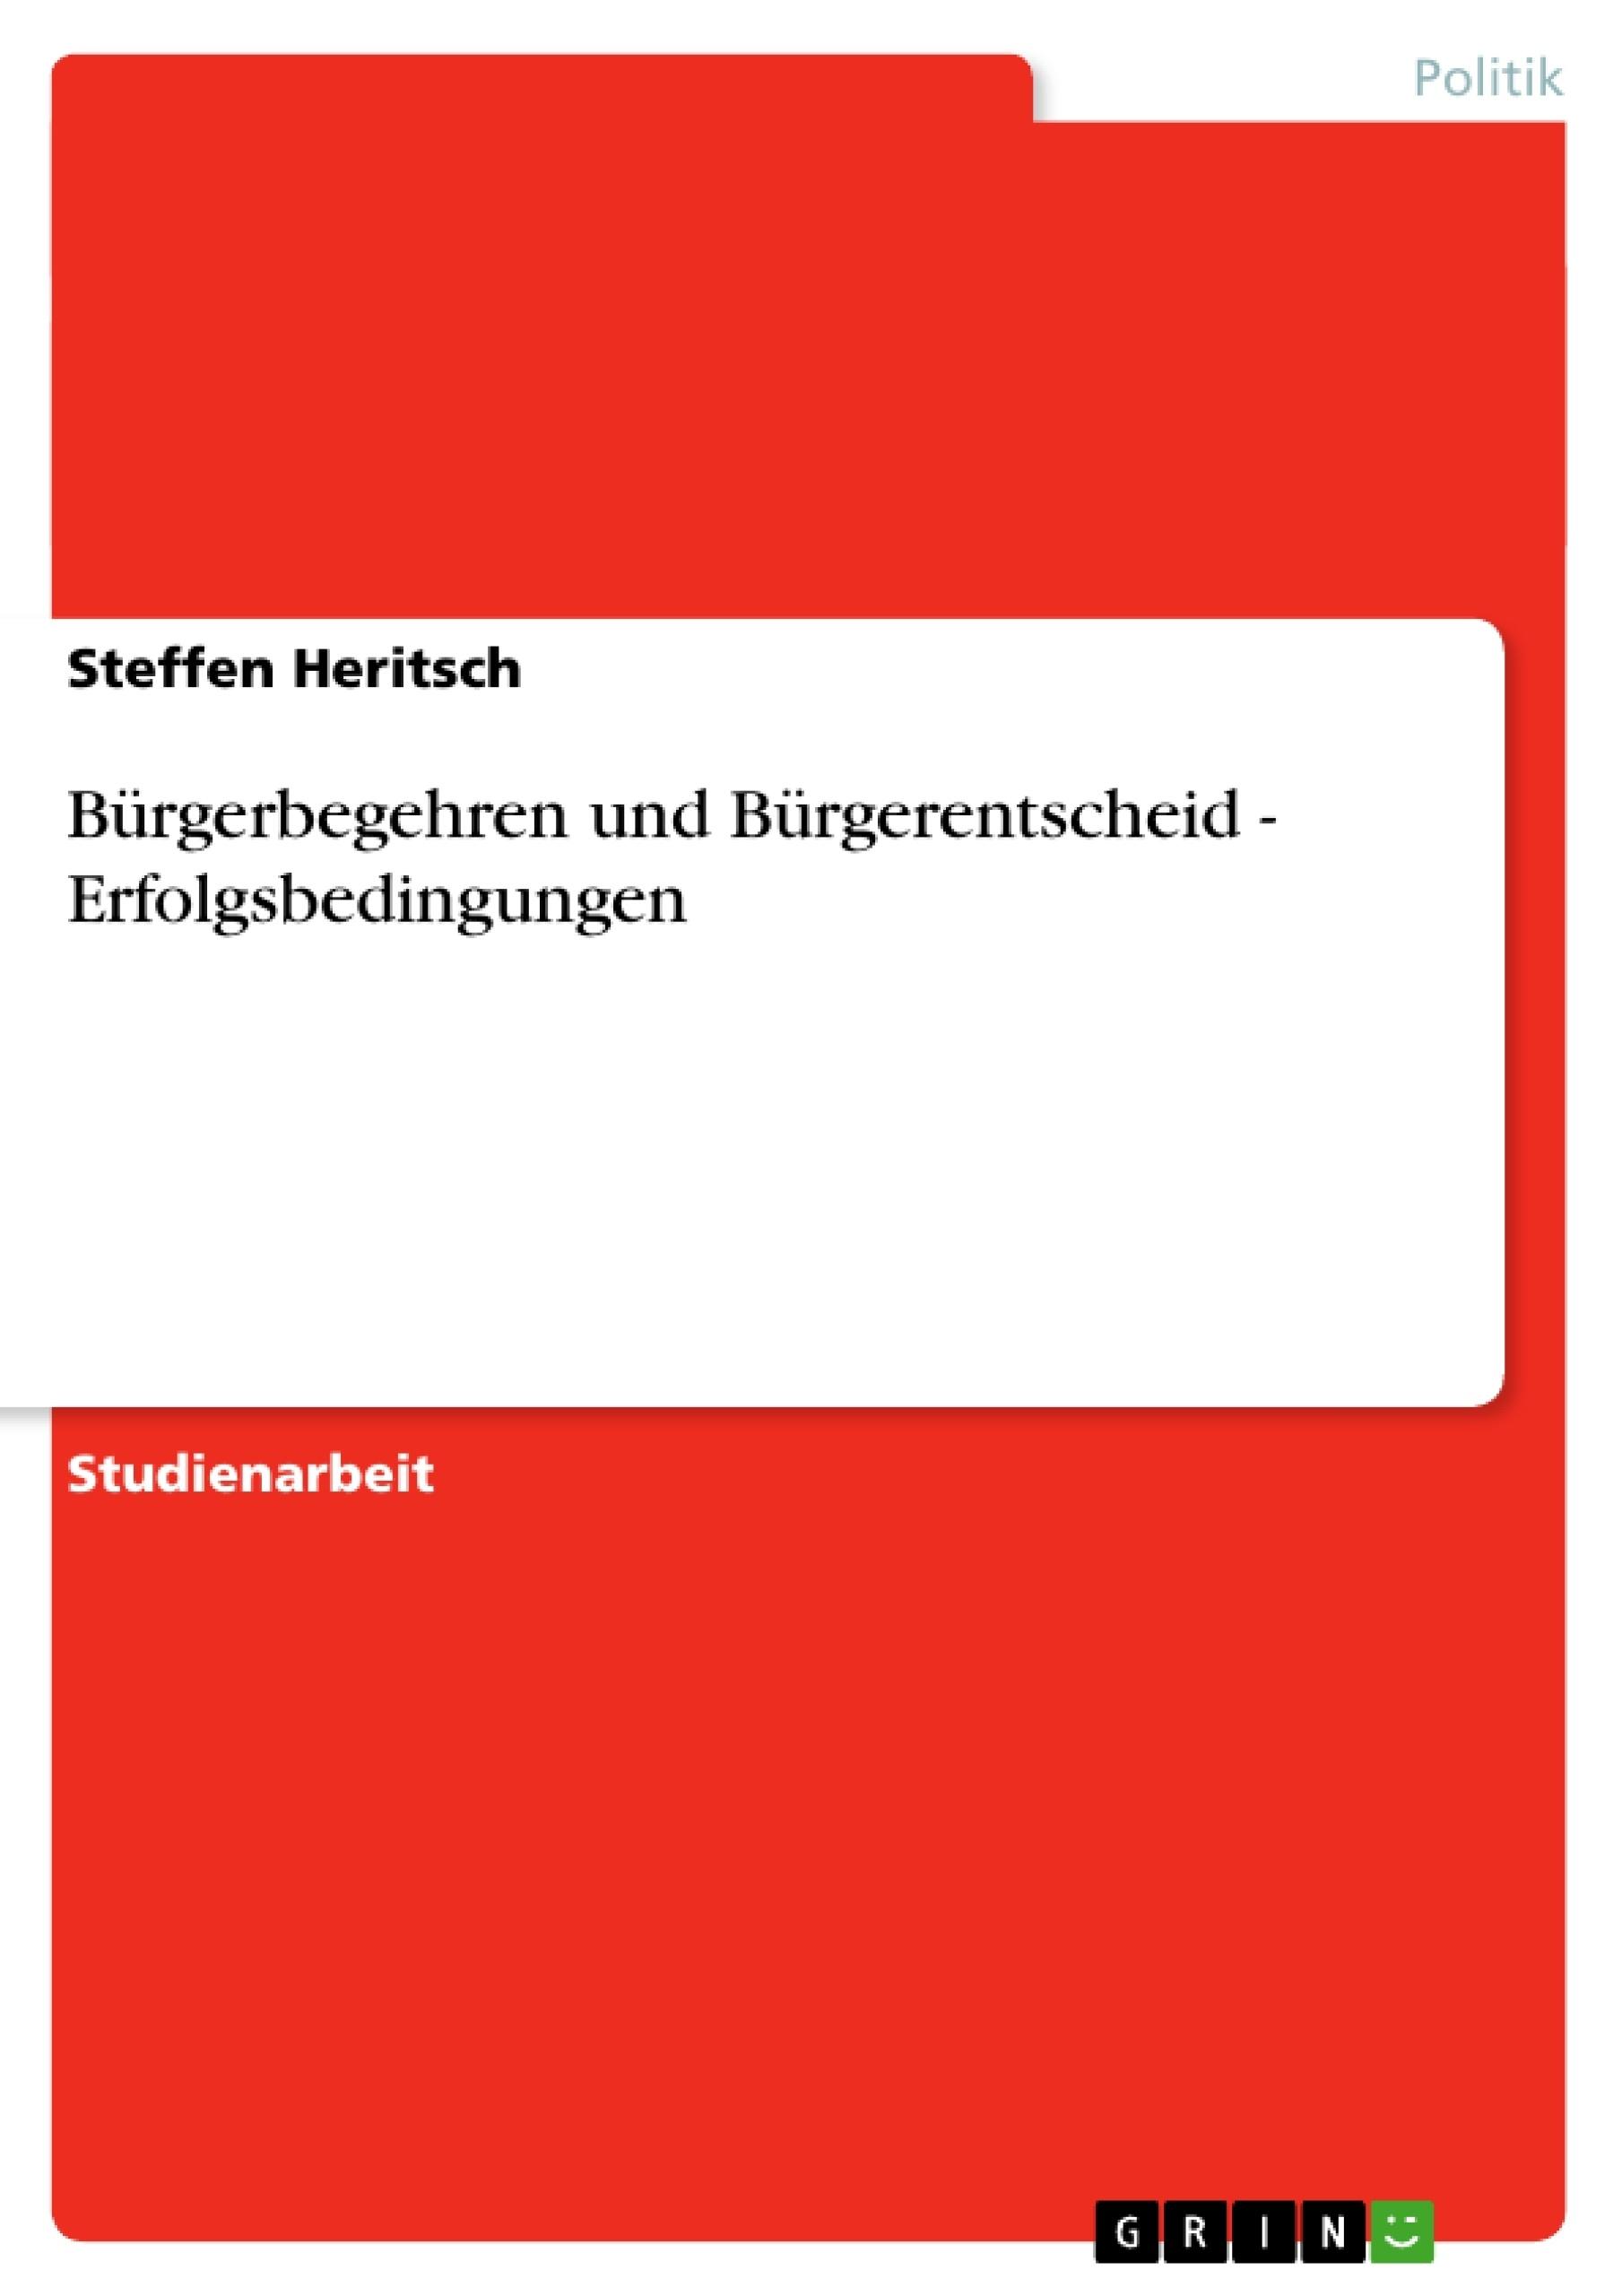 Titel: Bürgerbegehren und Bürgerentscheid - Erfolgsbedingungen